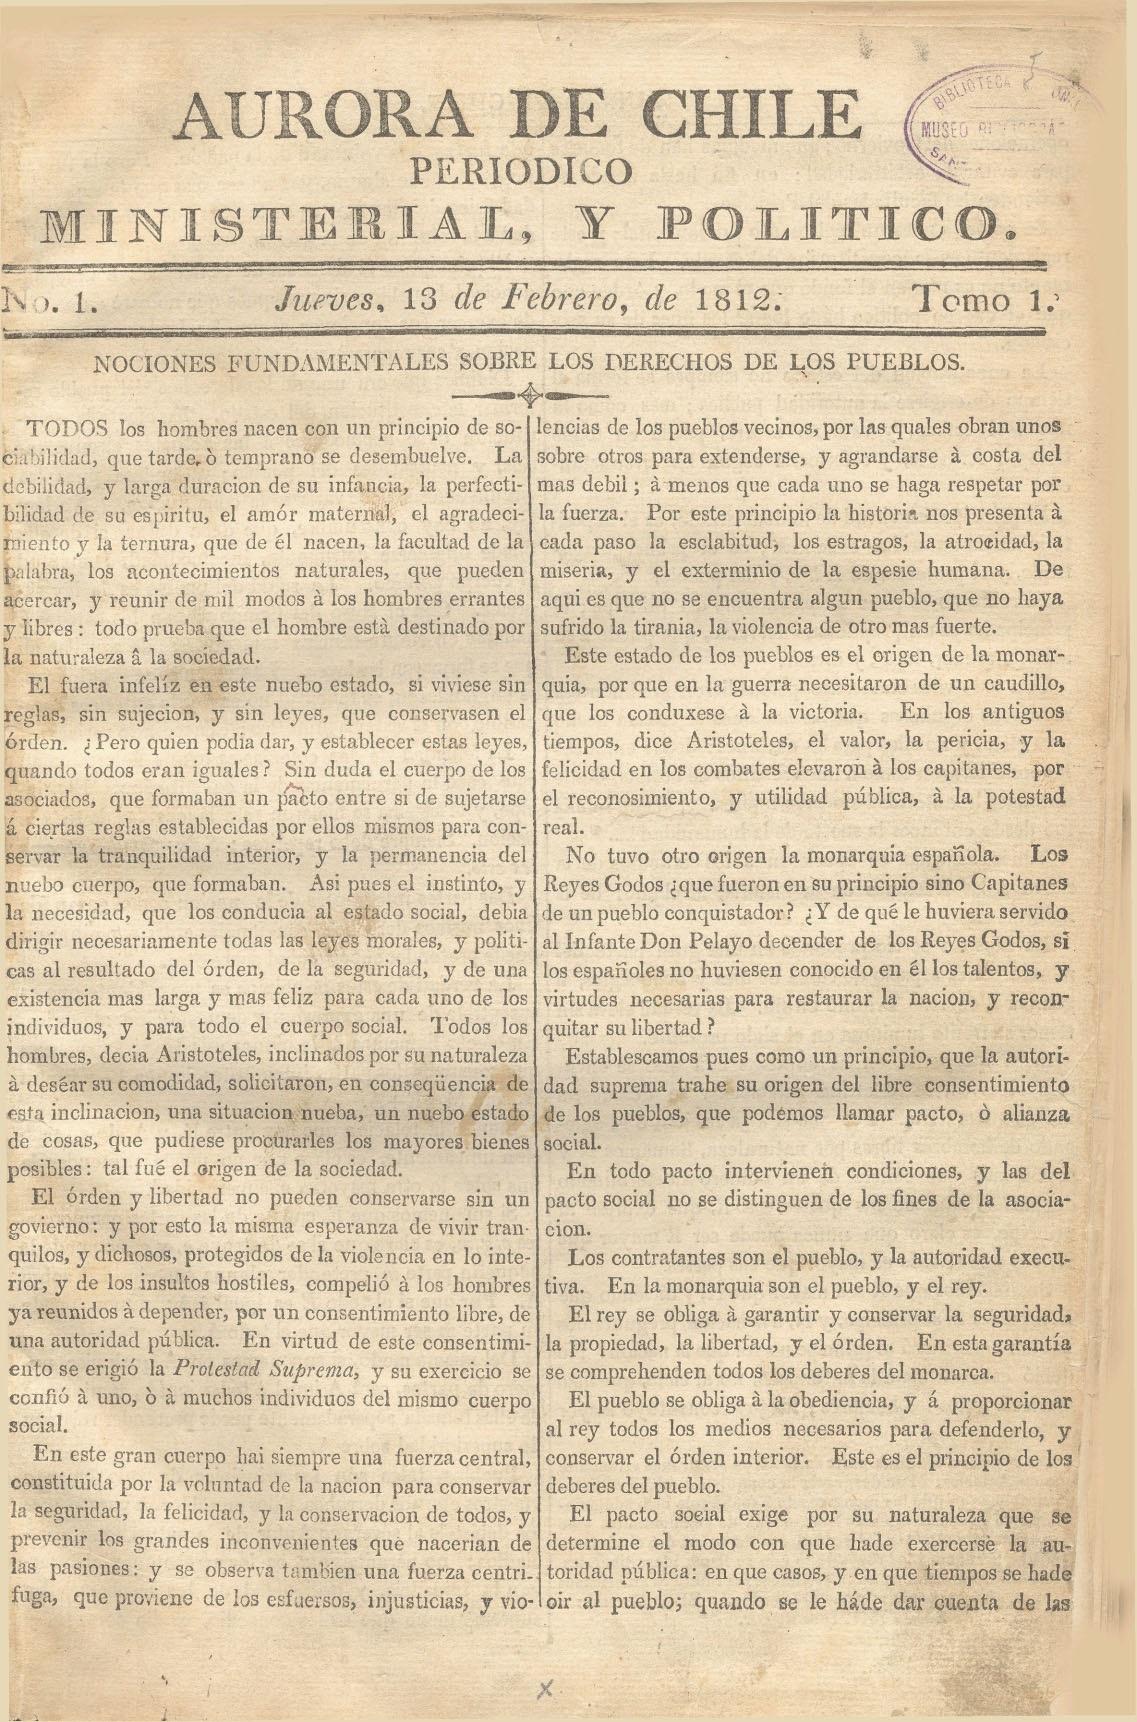 Aurora de Chile - Wikipedia, la enciclopedia libre